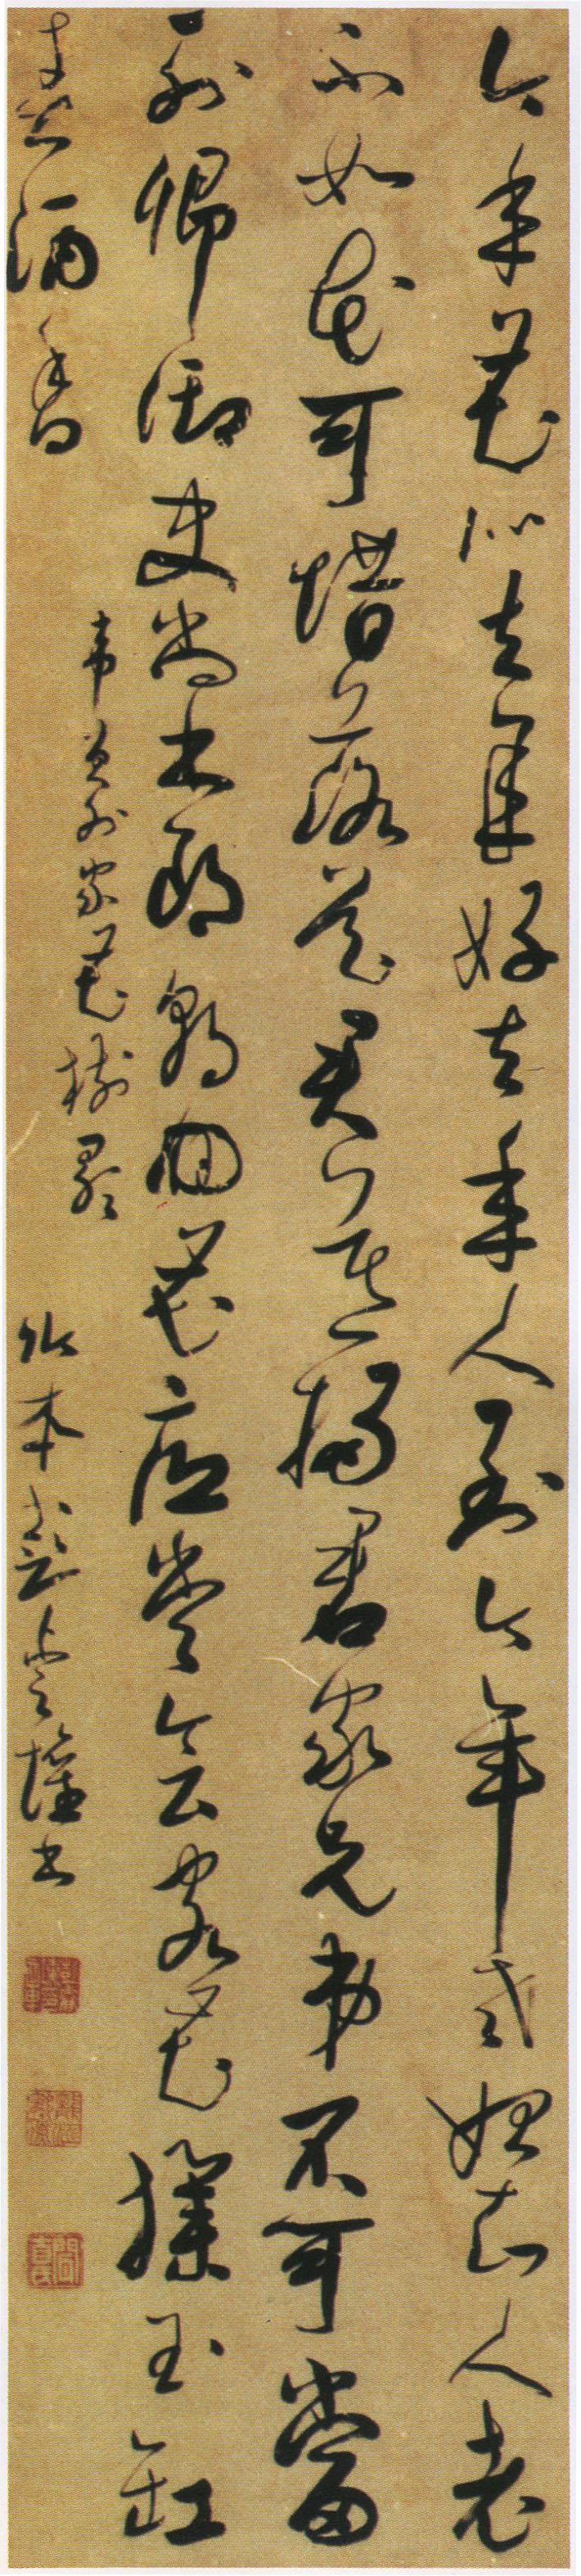 彭睿壦《行草岑参诗轴》 广州艺术博物院藏